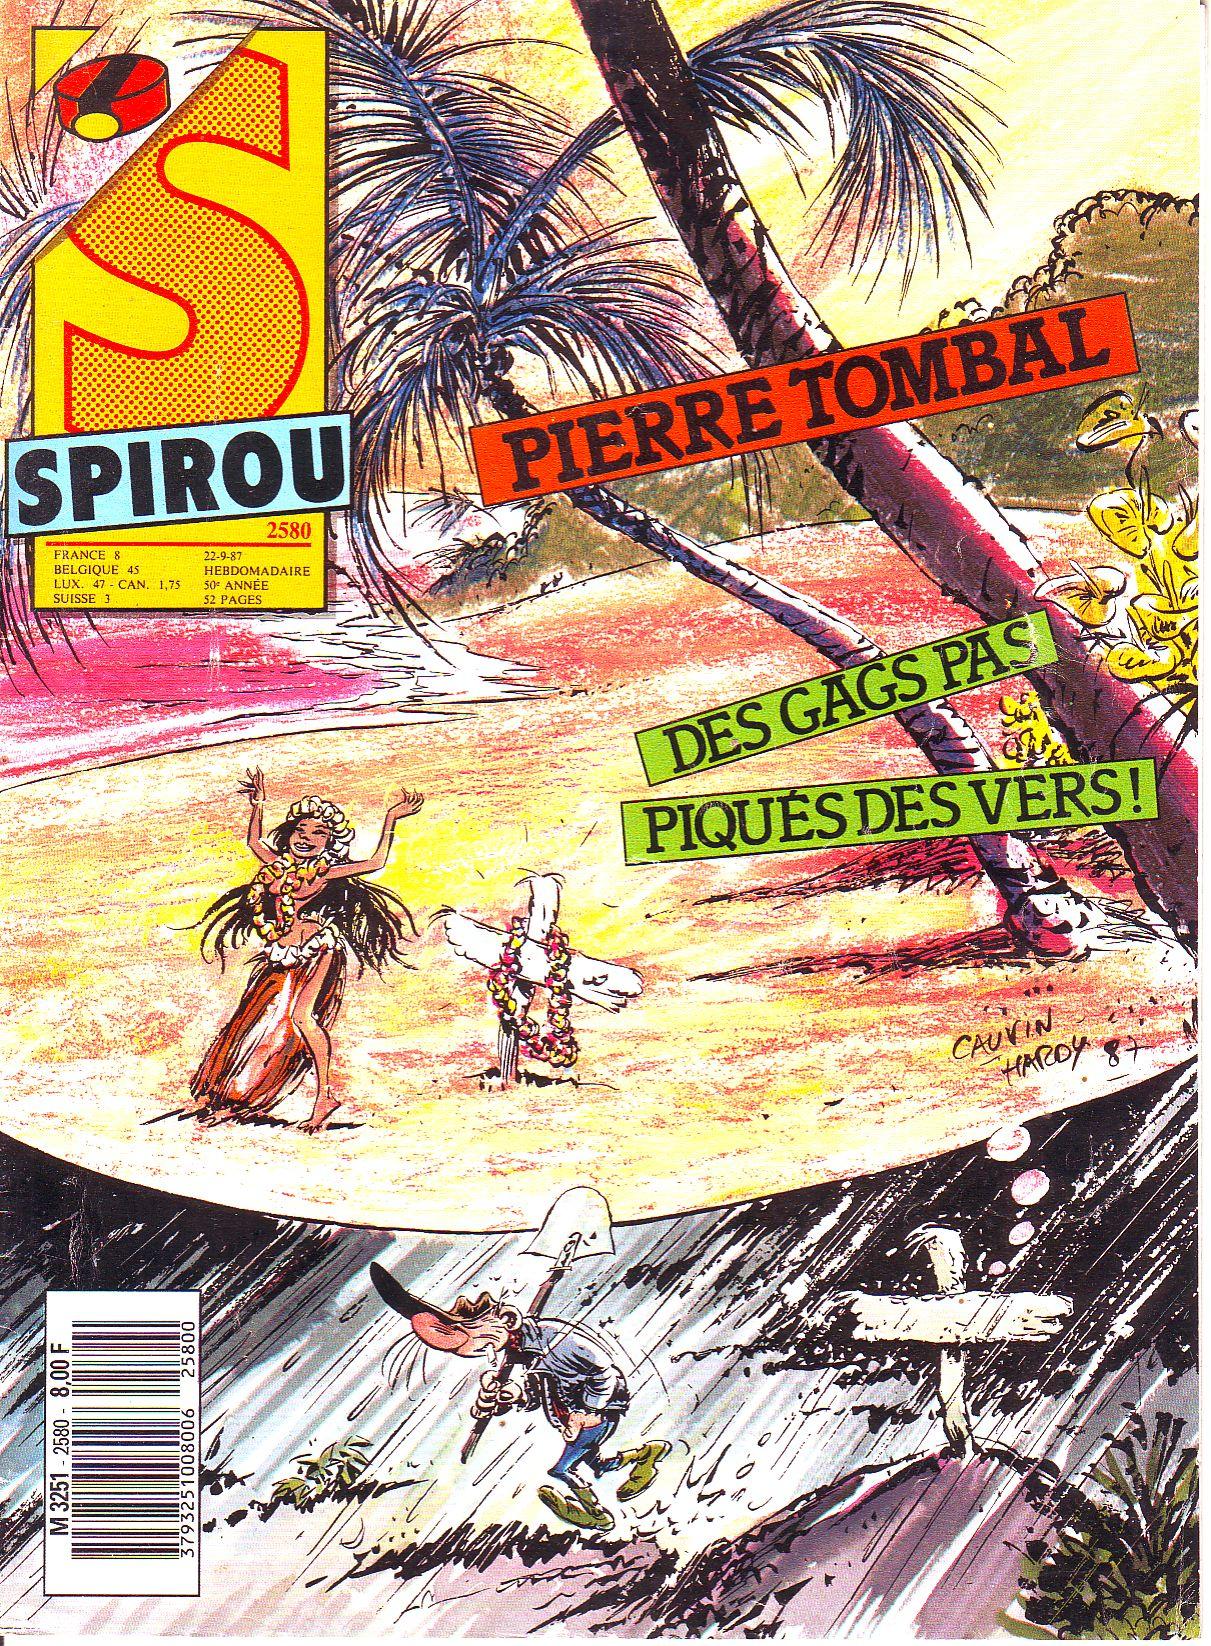 Le journal de Spirou 2580